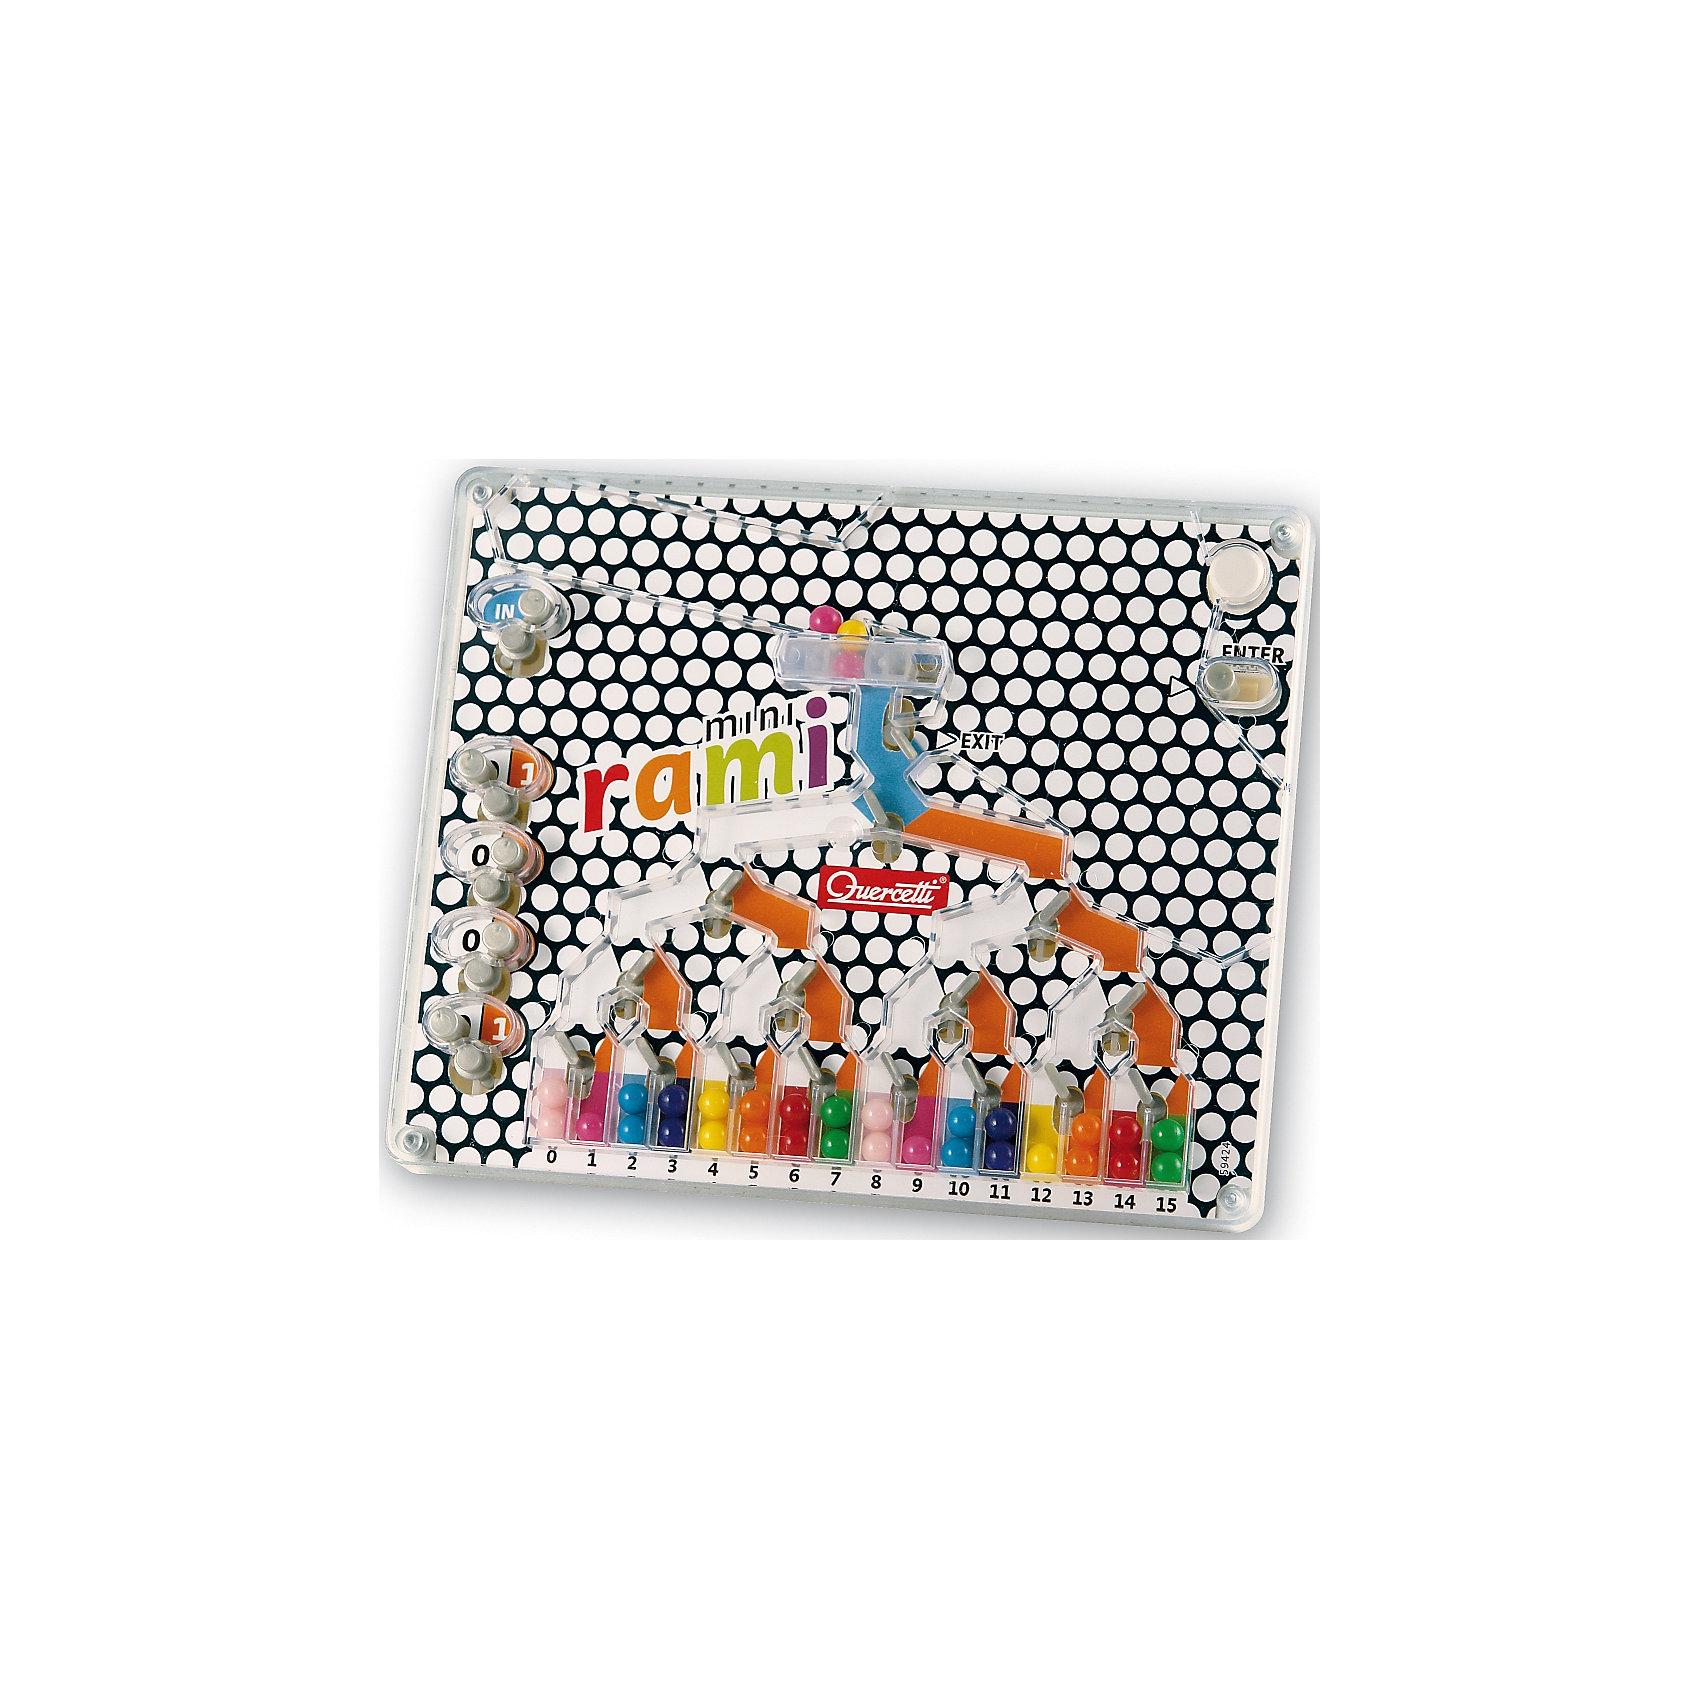 Настольная игра Распредели цвета мини, QuercettiИгры для развлечений<br>Настольная игра Распредели цвета мини, Quercetti (Кверсетти).<br><br>Характеристики:<br><br>- В наборе: игровое поле с разноцветными шариками внутри<br>- Материал: безопасный пластик, окрашенный нетоксичными красками<br>- Упаковка: картонная коробка<br>- Размер упаковки: 23 х 20 х 5 см.<br><br>Настольная игра Распредели цвета мини от Quercetti (Кверсетти) - это интересная и увлекательная игра, уменьшенный аналог игры Рами. Цель игры: провести цветные шарики на игровом поле через все ответвления и препятствия, переключая рычаги, таким образом, чтобы они попадали в столбики с соответствующим цветом. На игровом поле расположены 16 цветных пронумерованных столбиков - от 0 до 15. Каждому соответствует 2 шарика такого же цвета. Перед началом игры нужно пересыпать шарики в верхнюю часть игровой подставки, просто наклонив ее. Управляющие рычаги – ENTER (запускает шарик), EXIT (сбрасывает шарики). Четыре рычага слева необходимы для распределения шариков по столбикам. Сдвигая эти рычаги вправо или влево, открывается цифра - 0 или 1 на цветном фоне. Ориентируясь по этой цифре или цвету фона, нужно распределить все шарики по своим столбикам. Настольная игра Распредели цвета мини развивает зрительную моторику и память, координацию, логику, ловкость, реакцию и самоконтроль.<br><br>Настольную игру Распредели цвета мини, Quercetti (Кверсетти) можно купить в нашем интернет-магазине.<br><br>Ширина мм: 230<br>Глубина мм: 50<br>Высота мм: 200<br>Вес г: 317<br>Возраст от месяцев: 60<br>Возраст до месяцев: 2147483647<br>Пол: Унисекс<br>Возраст: Детский<br>SKU: 5140080